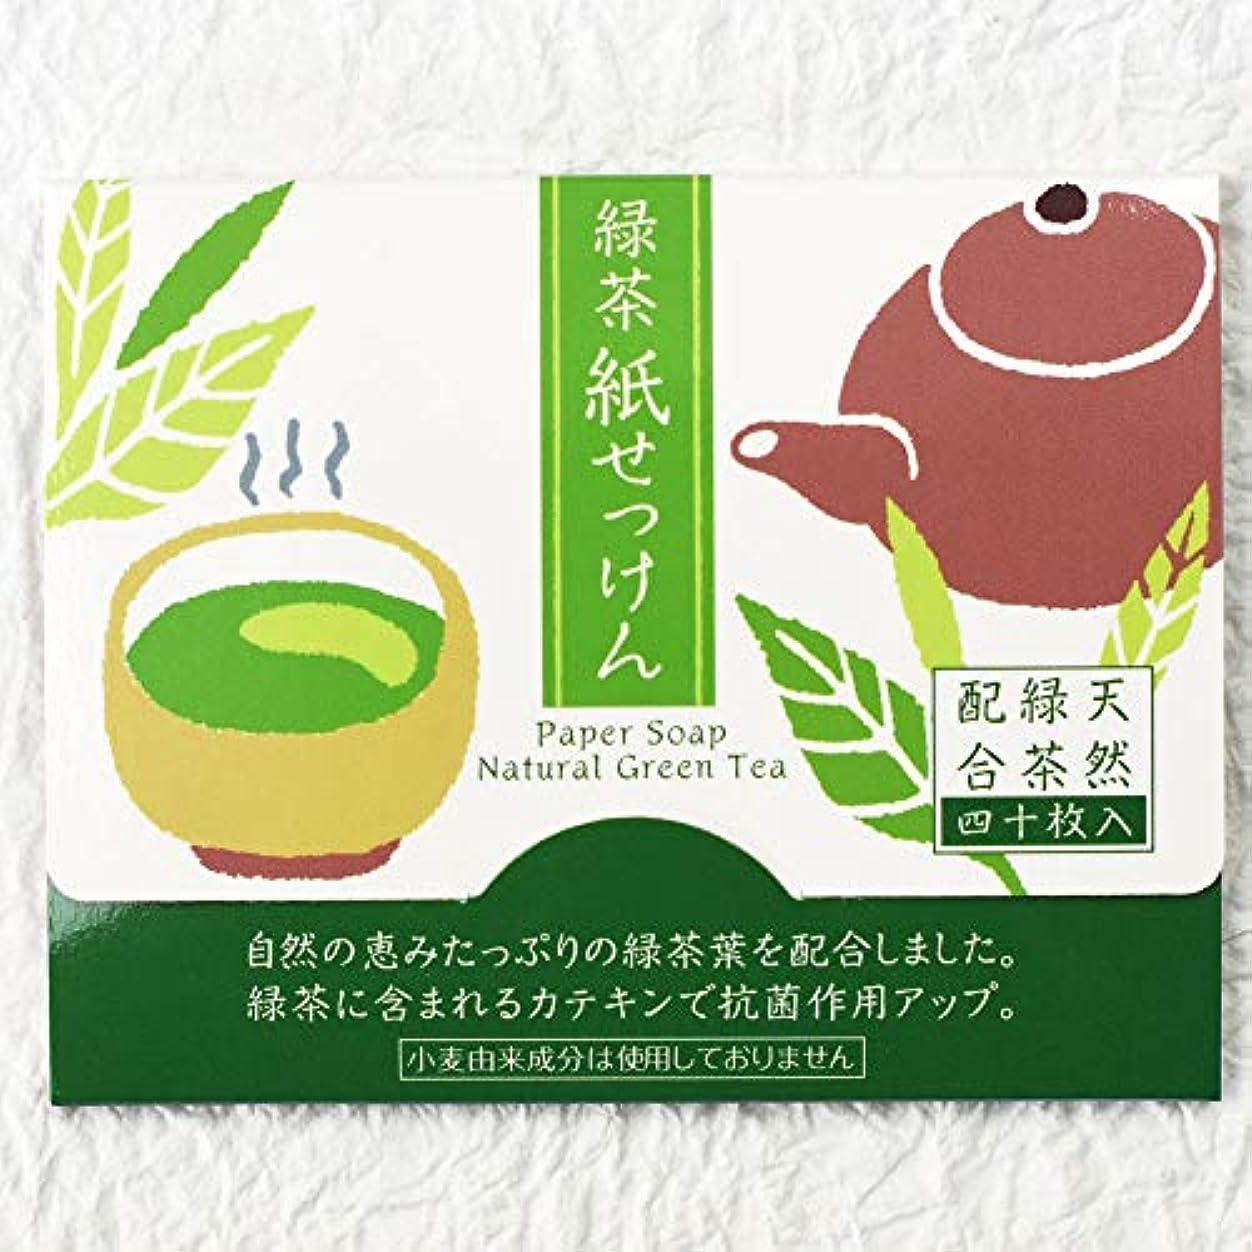 狭い低い音声表現社 紙せっけん 天然緑茶配合 22-289